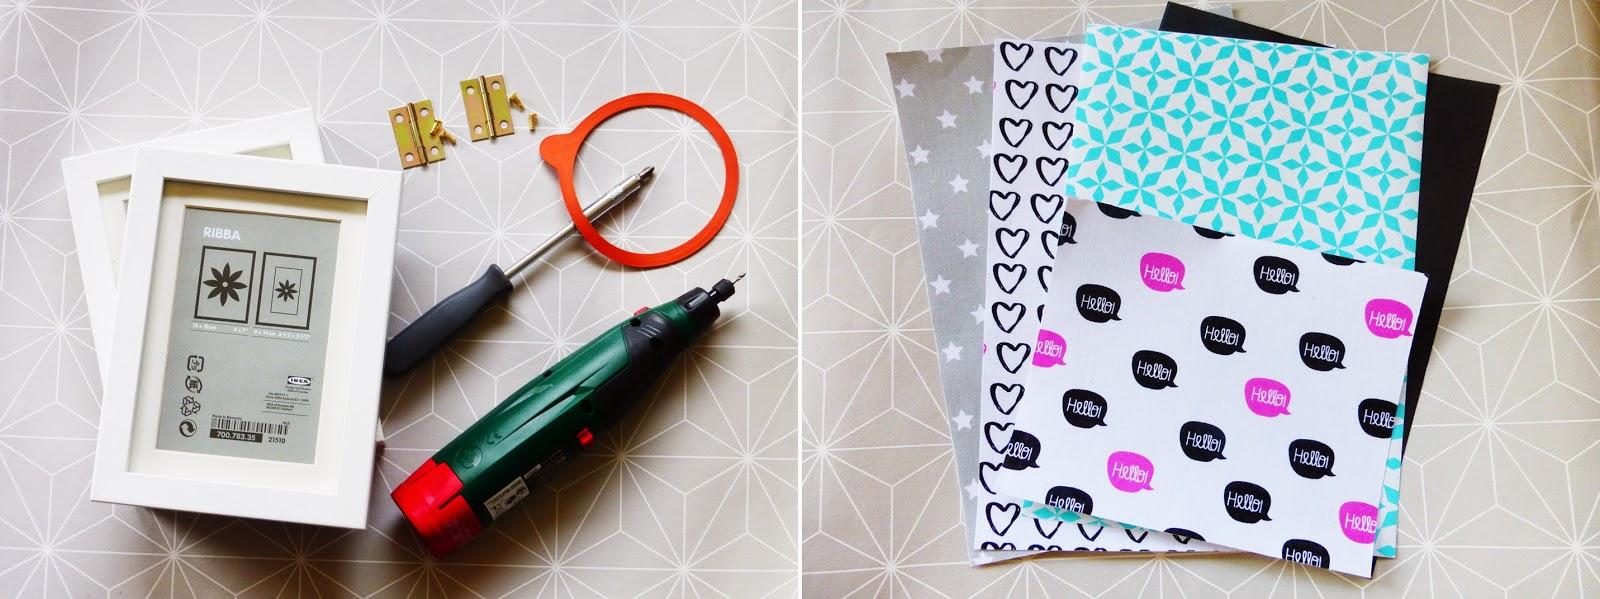 Material für Ikea-Hack Schmuckkästchen aus Ribba Bilderrahmen